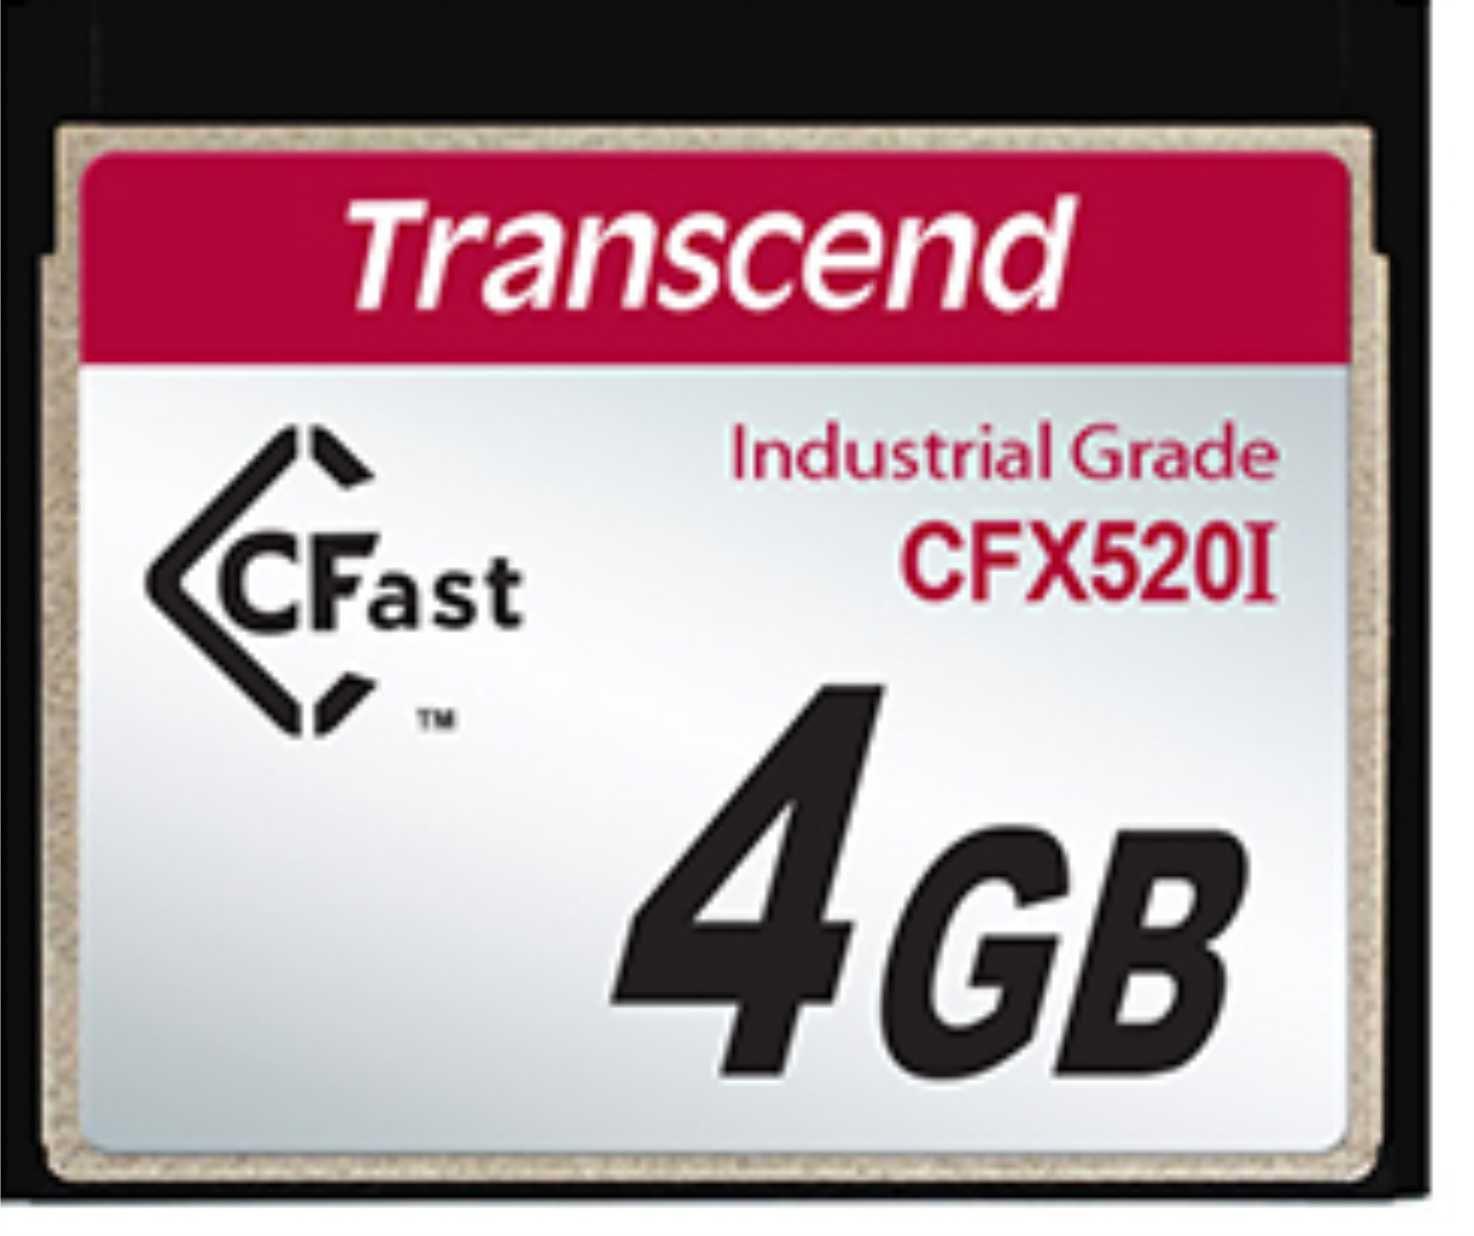 Cartão de memória INDUST TEMP CFAST CARD 4GB TS4GCFX520I  Industrial Grade